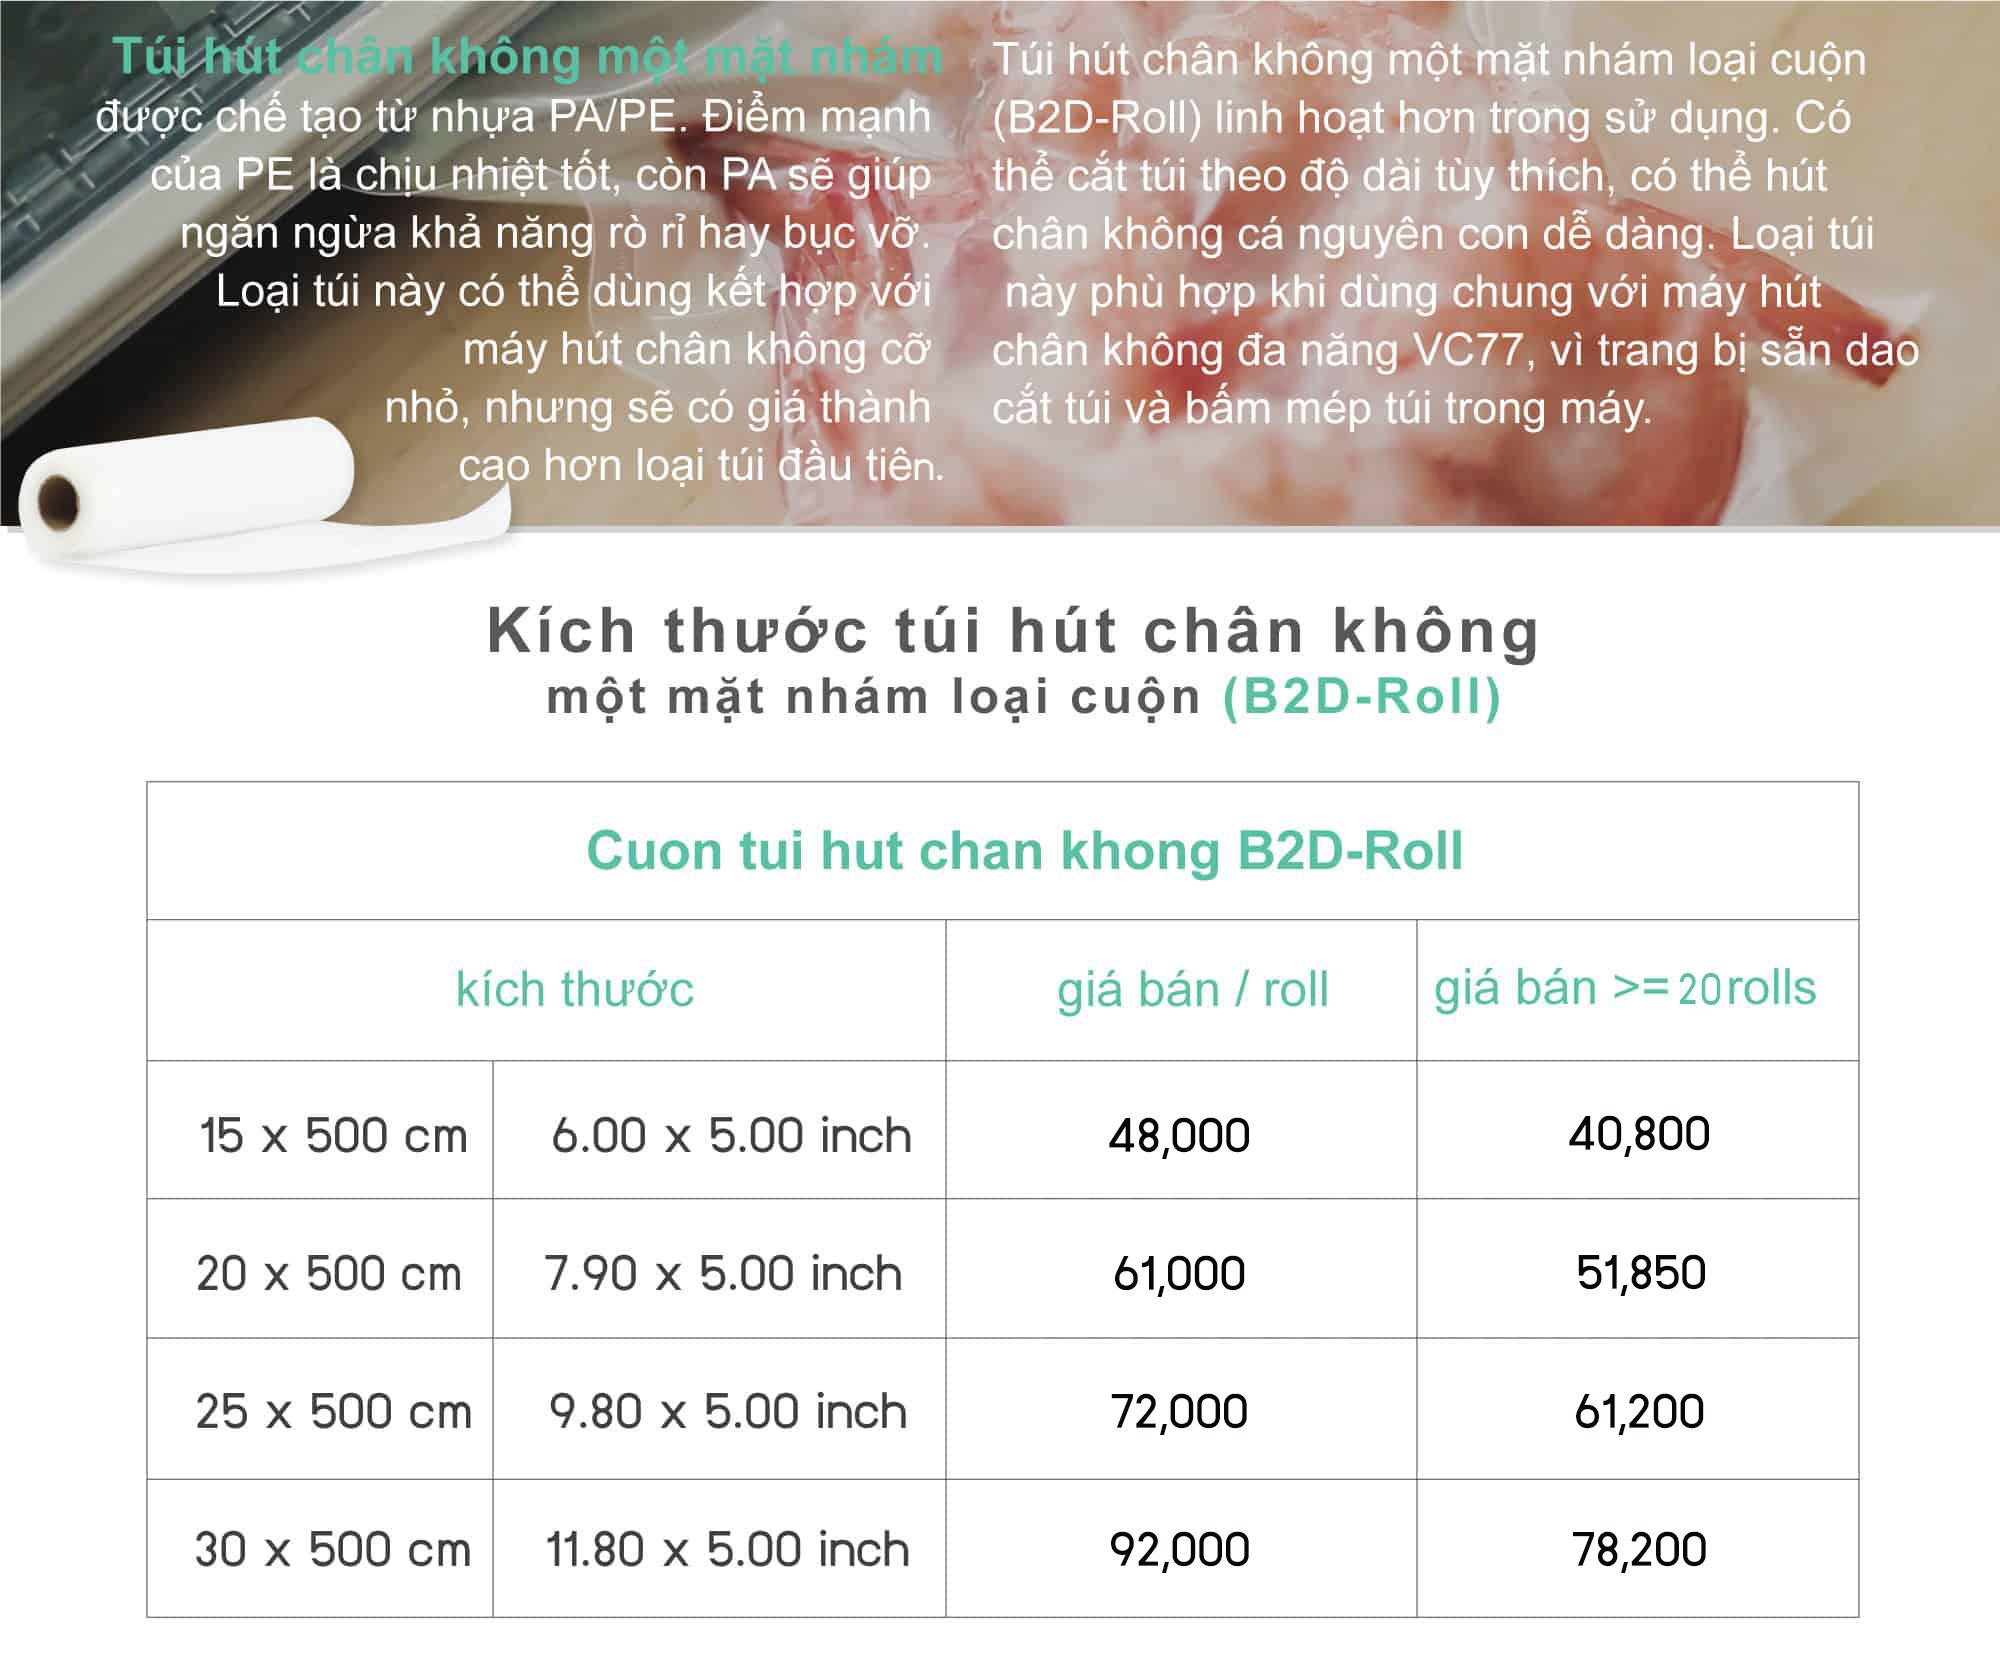 cuon-tui-hut-chan-khong-B2D-Roll3-ver-4